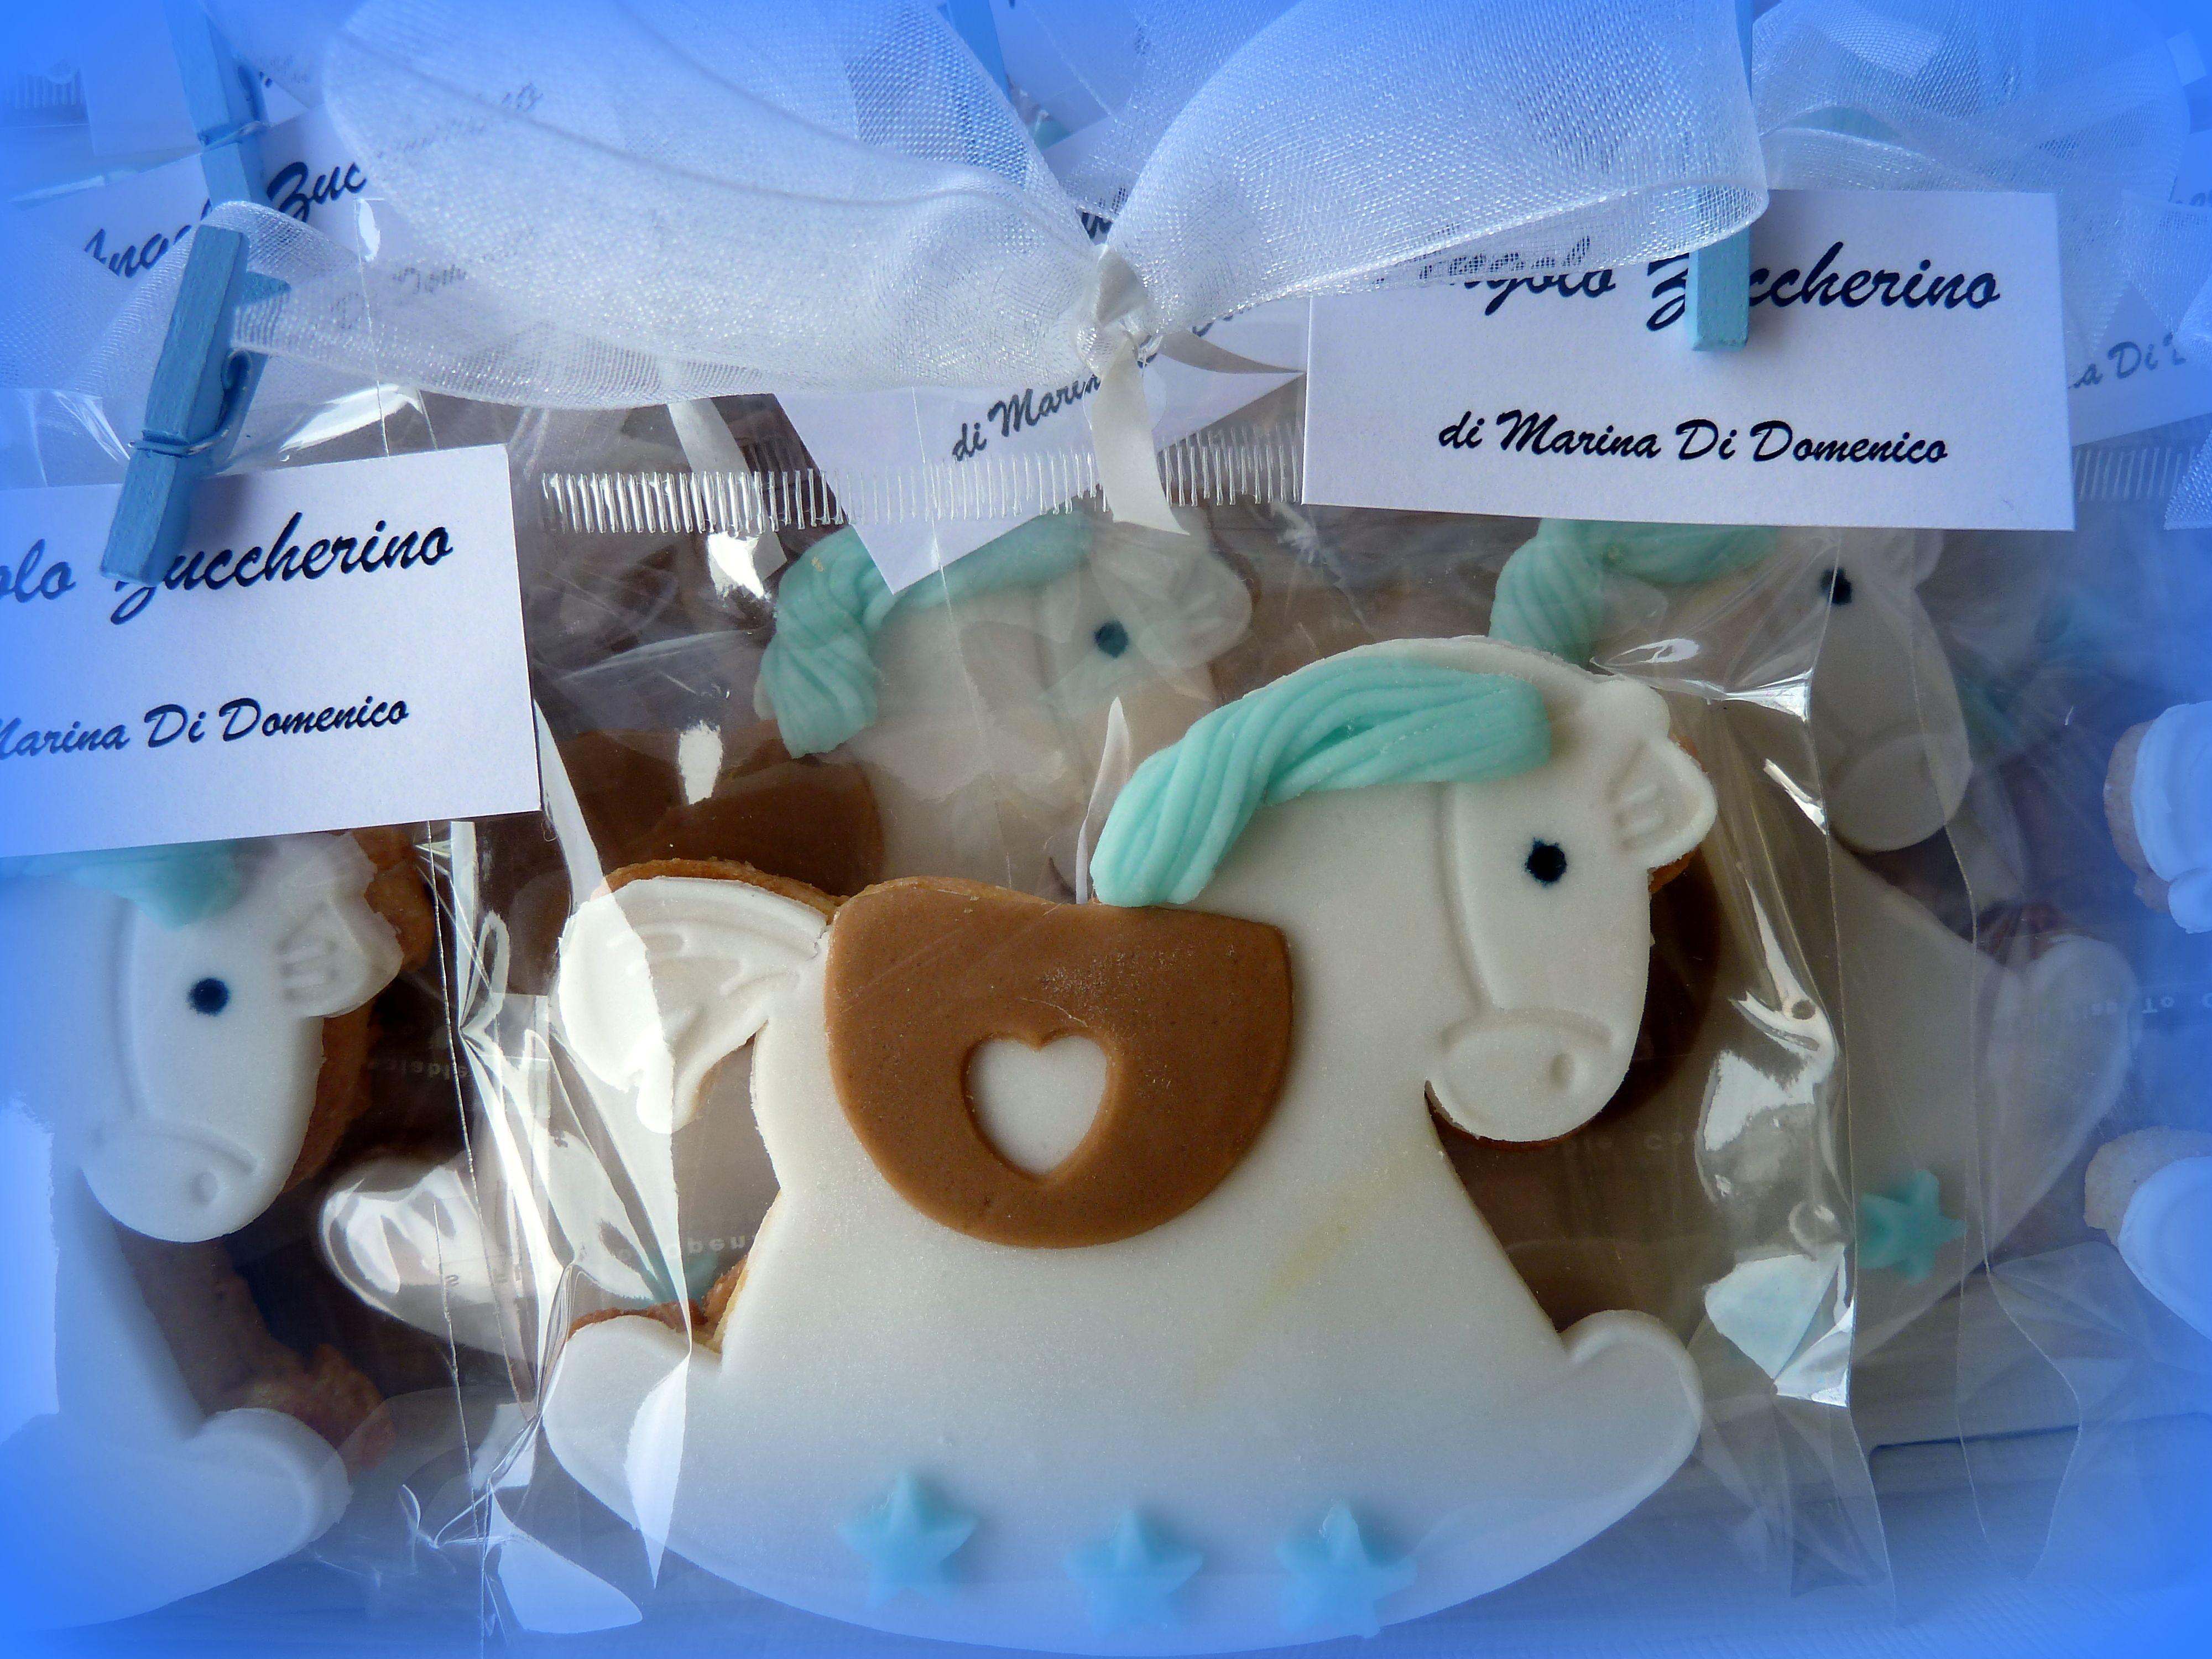 Biscotto cavallino a dondolo , segnaposto per battesimo